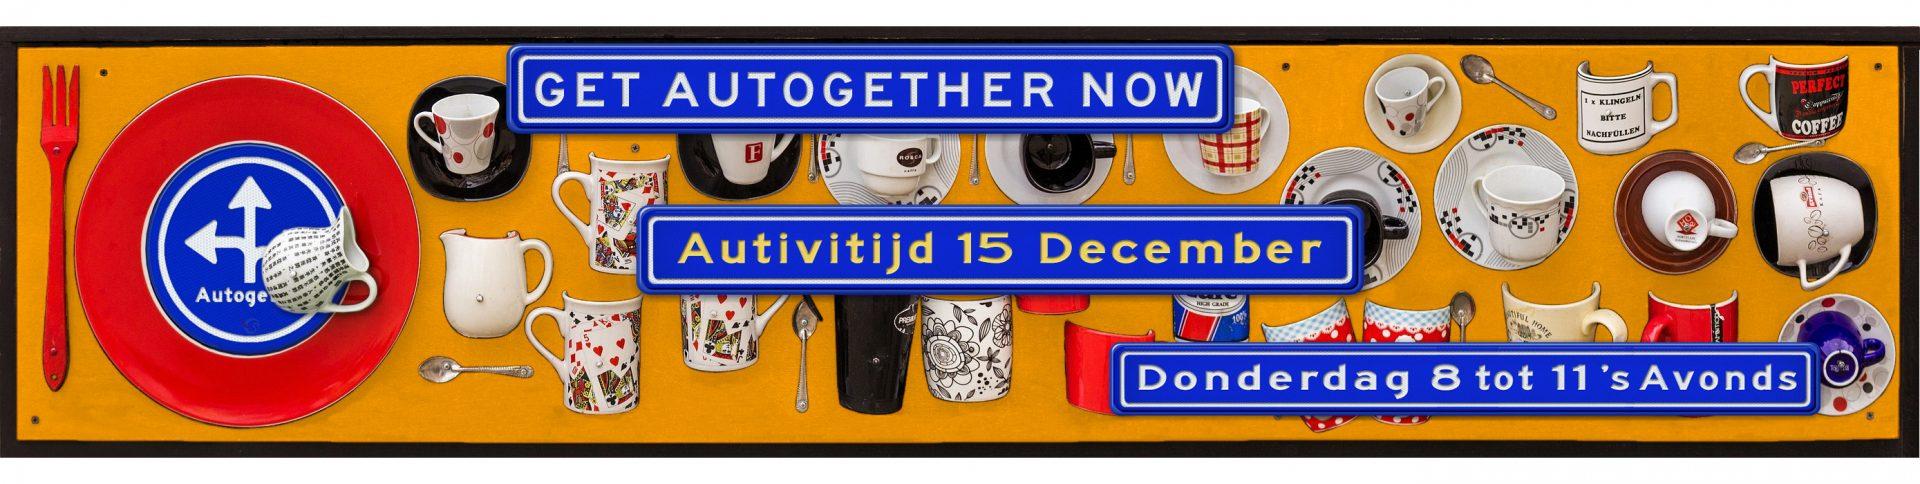 Donderdag 15 December van 20:00 tot 23:00 is het weer Autogether in de Tapijn